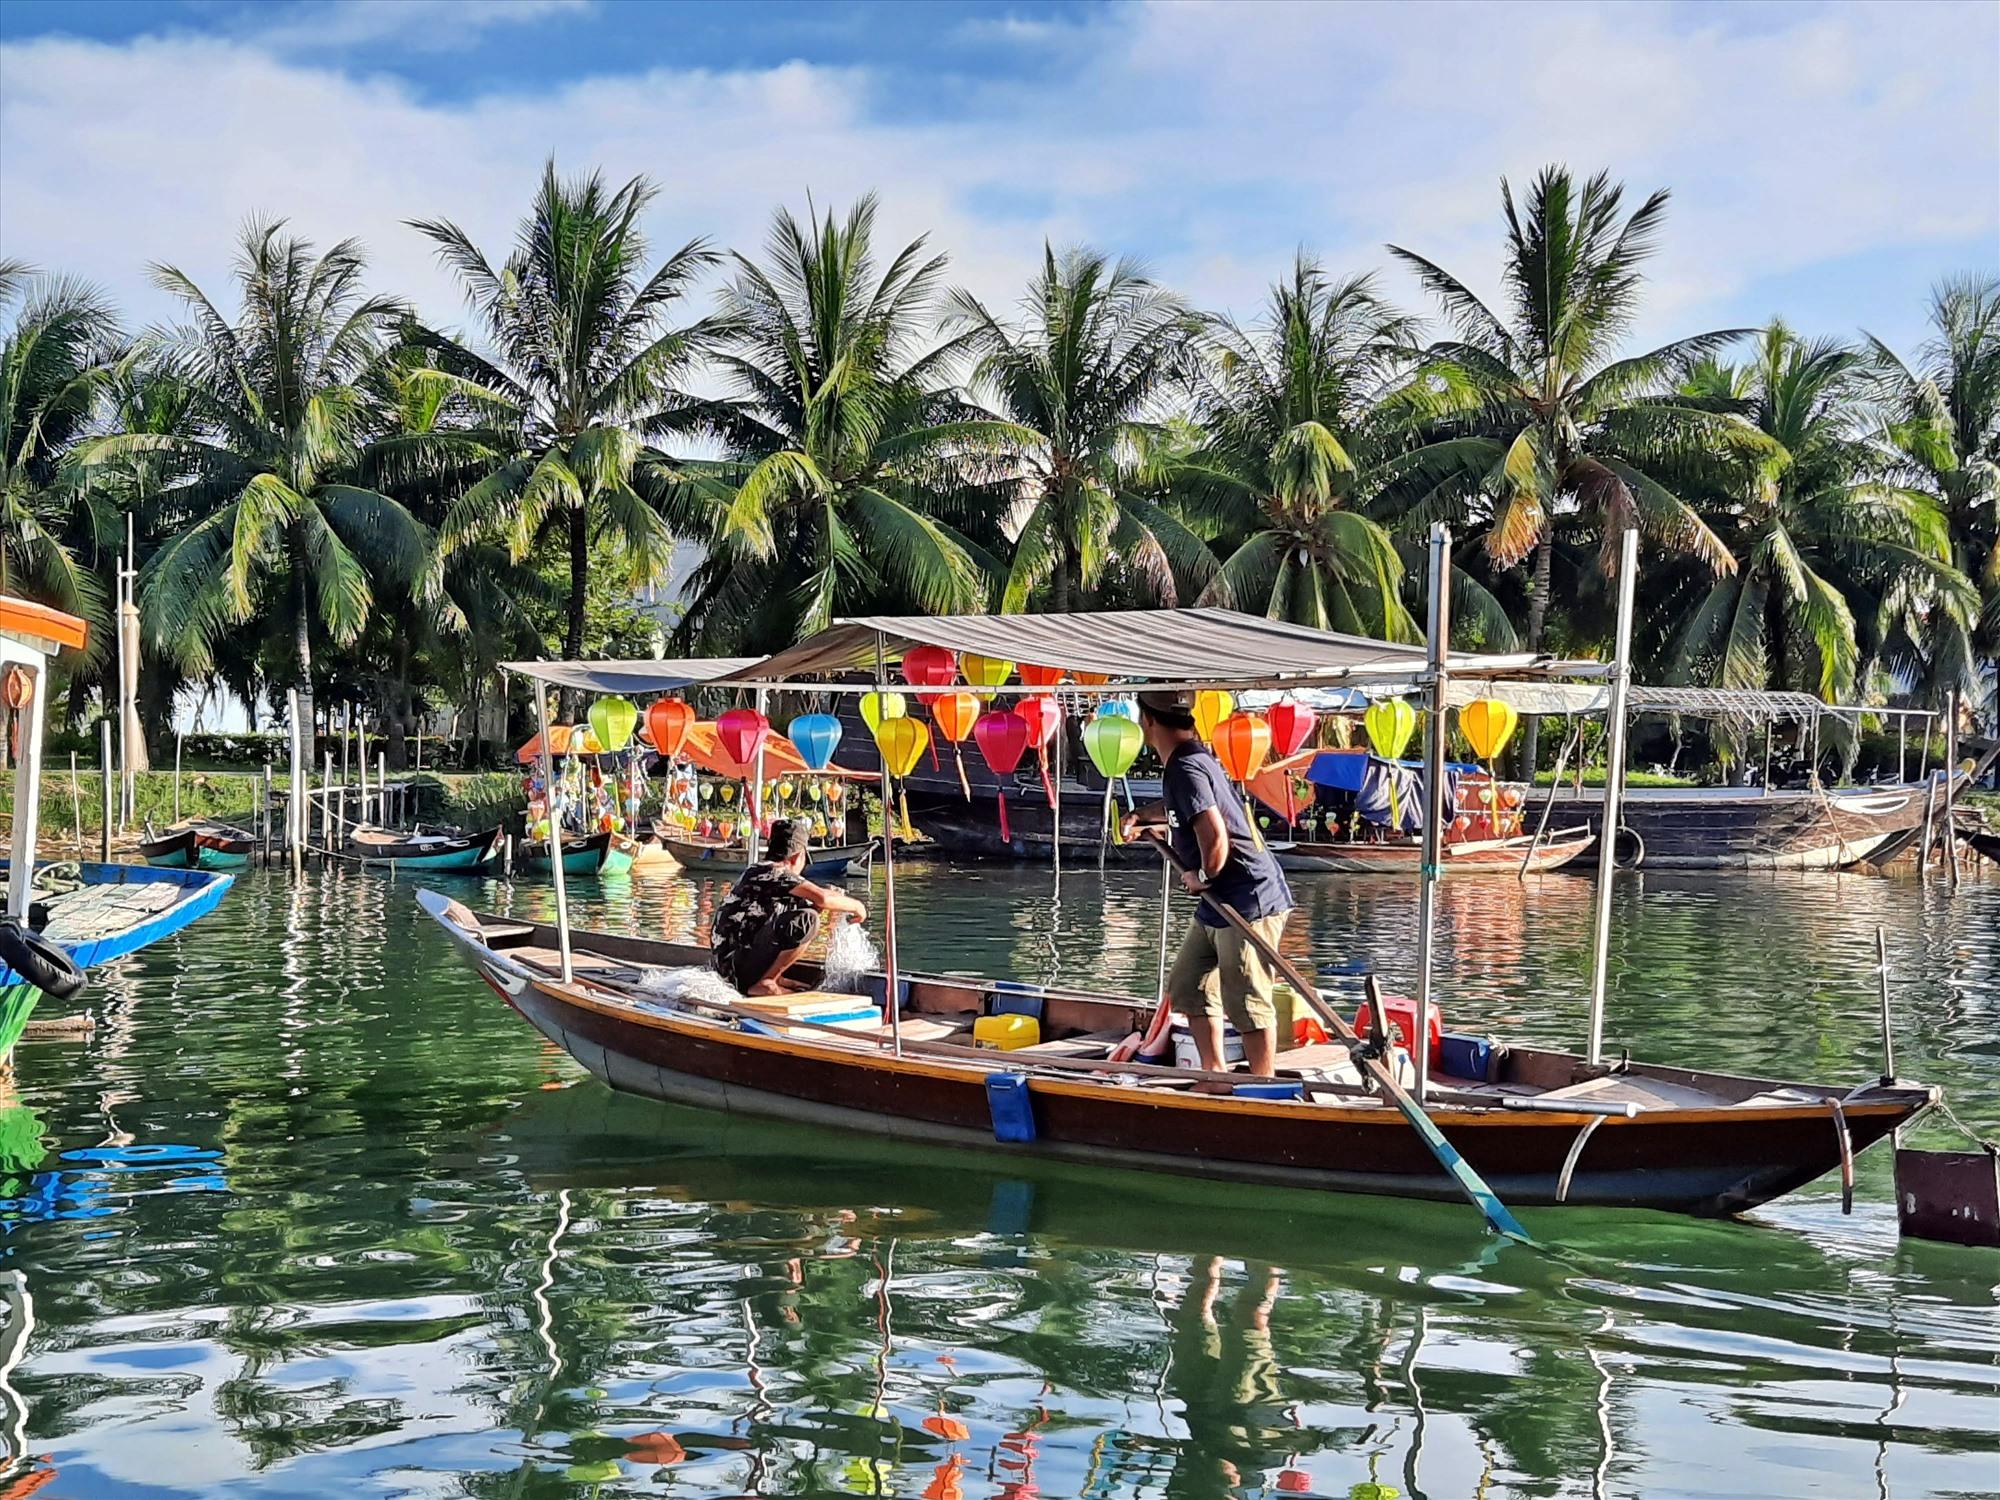 Chiếc thuyền chở khách du lịch nay trưng dụng để thả lưới bắt cá trên sông Hoài. Ảnh: Đ. ĐẠO